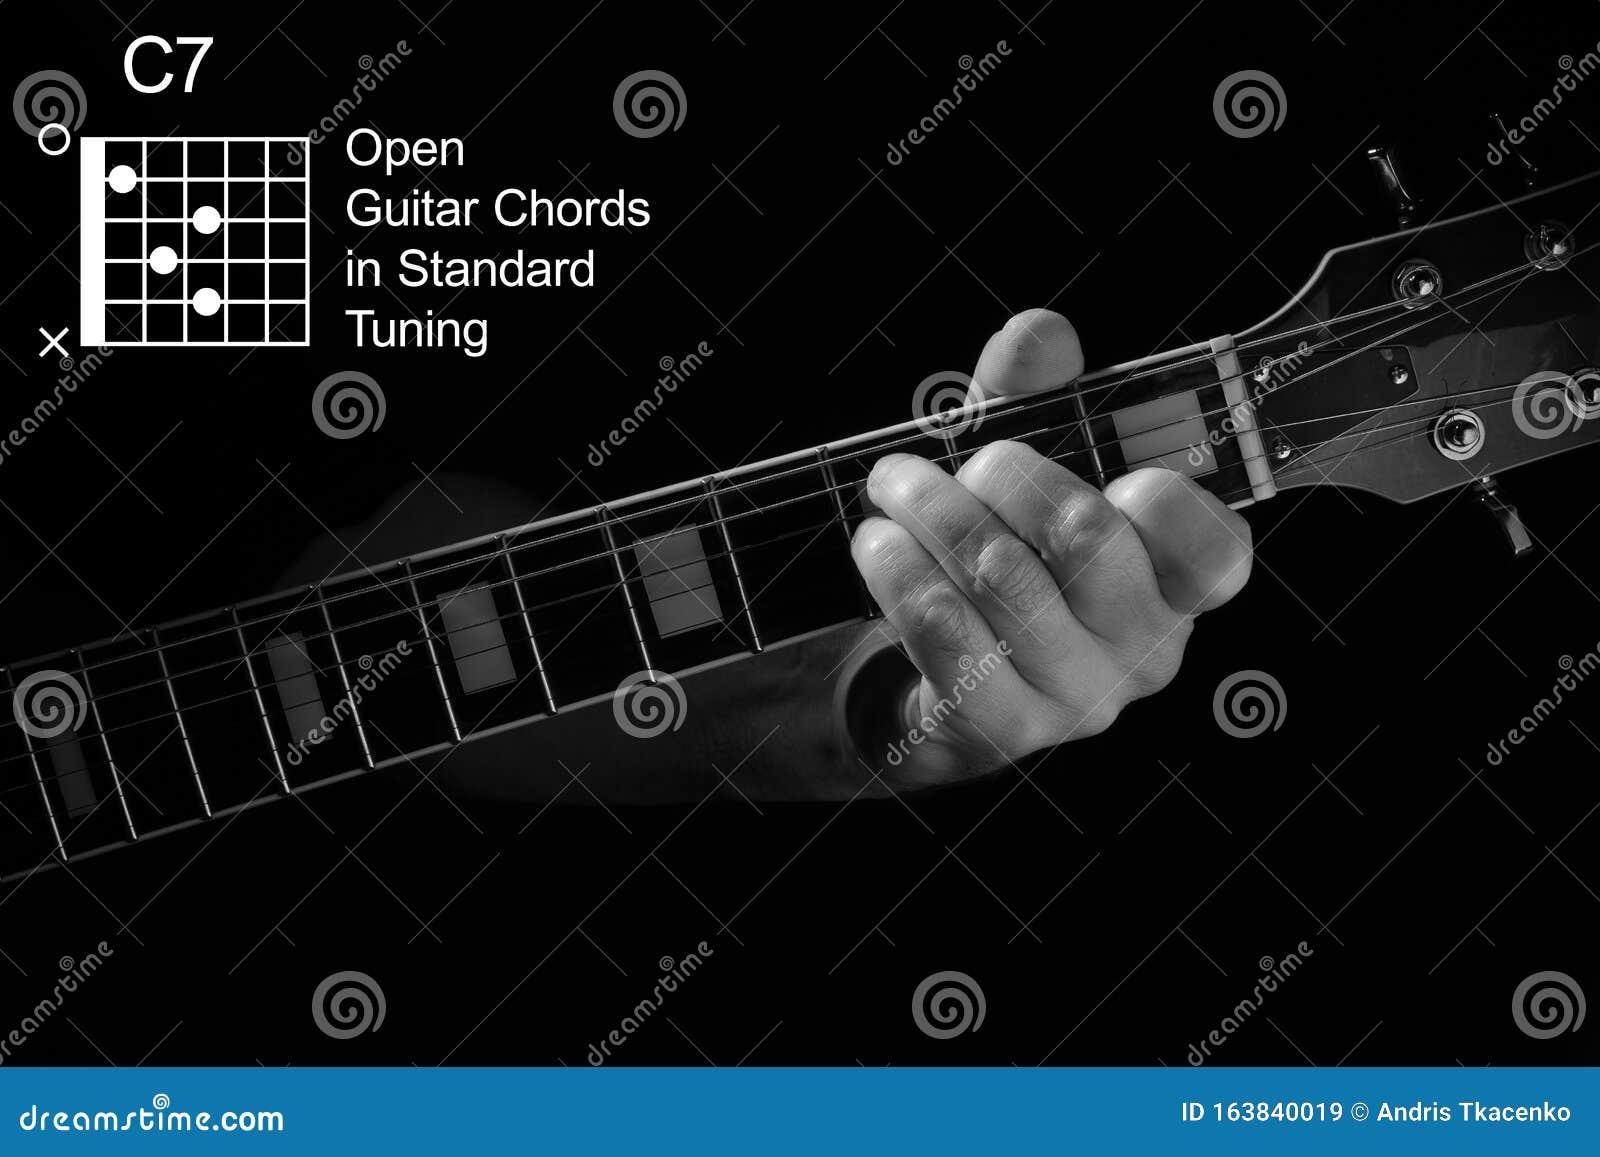 Handschließung Mit C15 Akkord Auf Gitarre Stockbild   Bild von ...